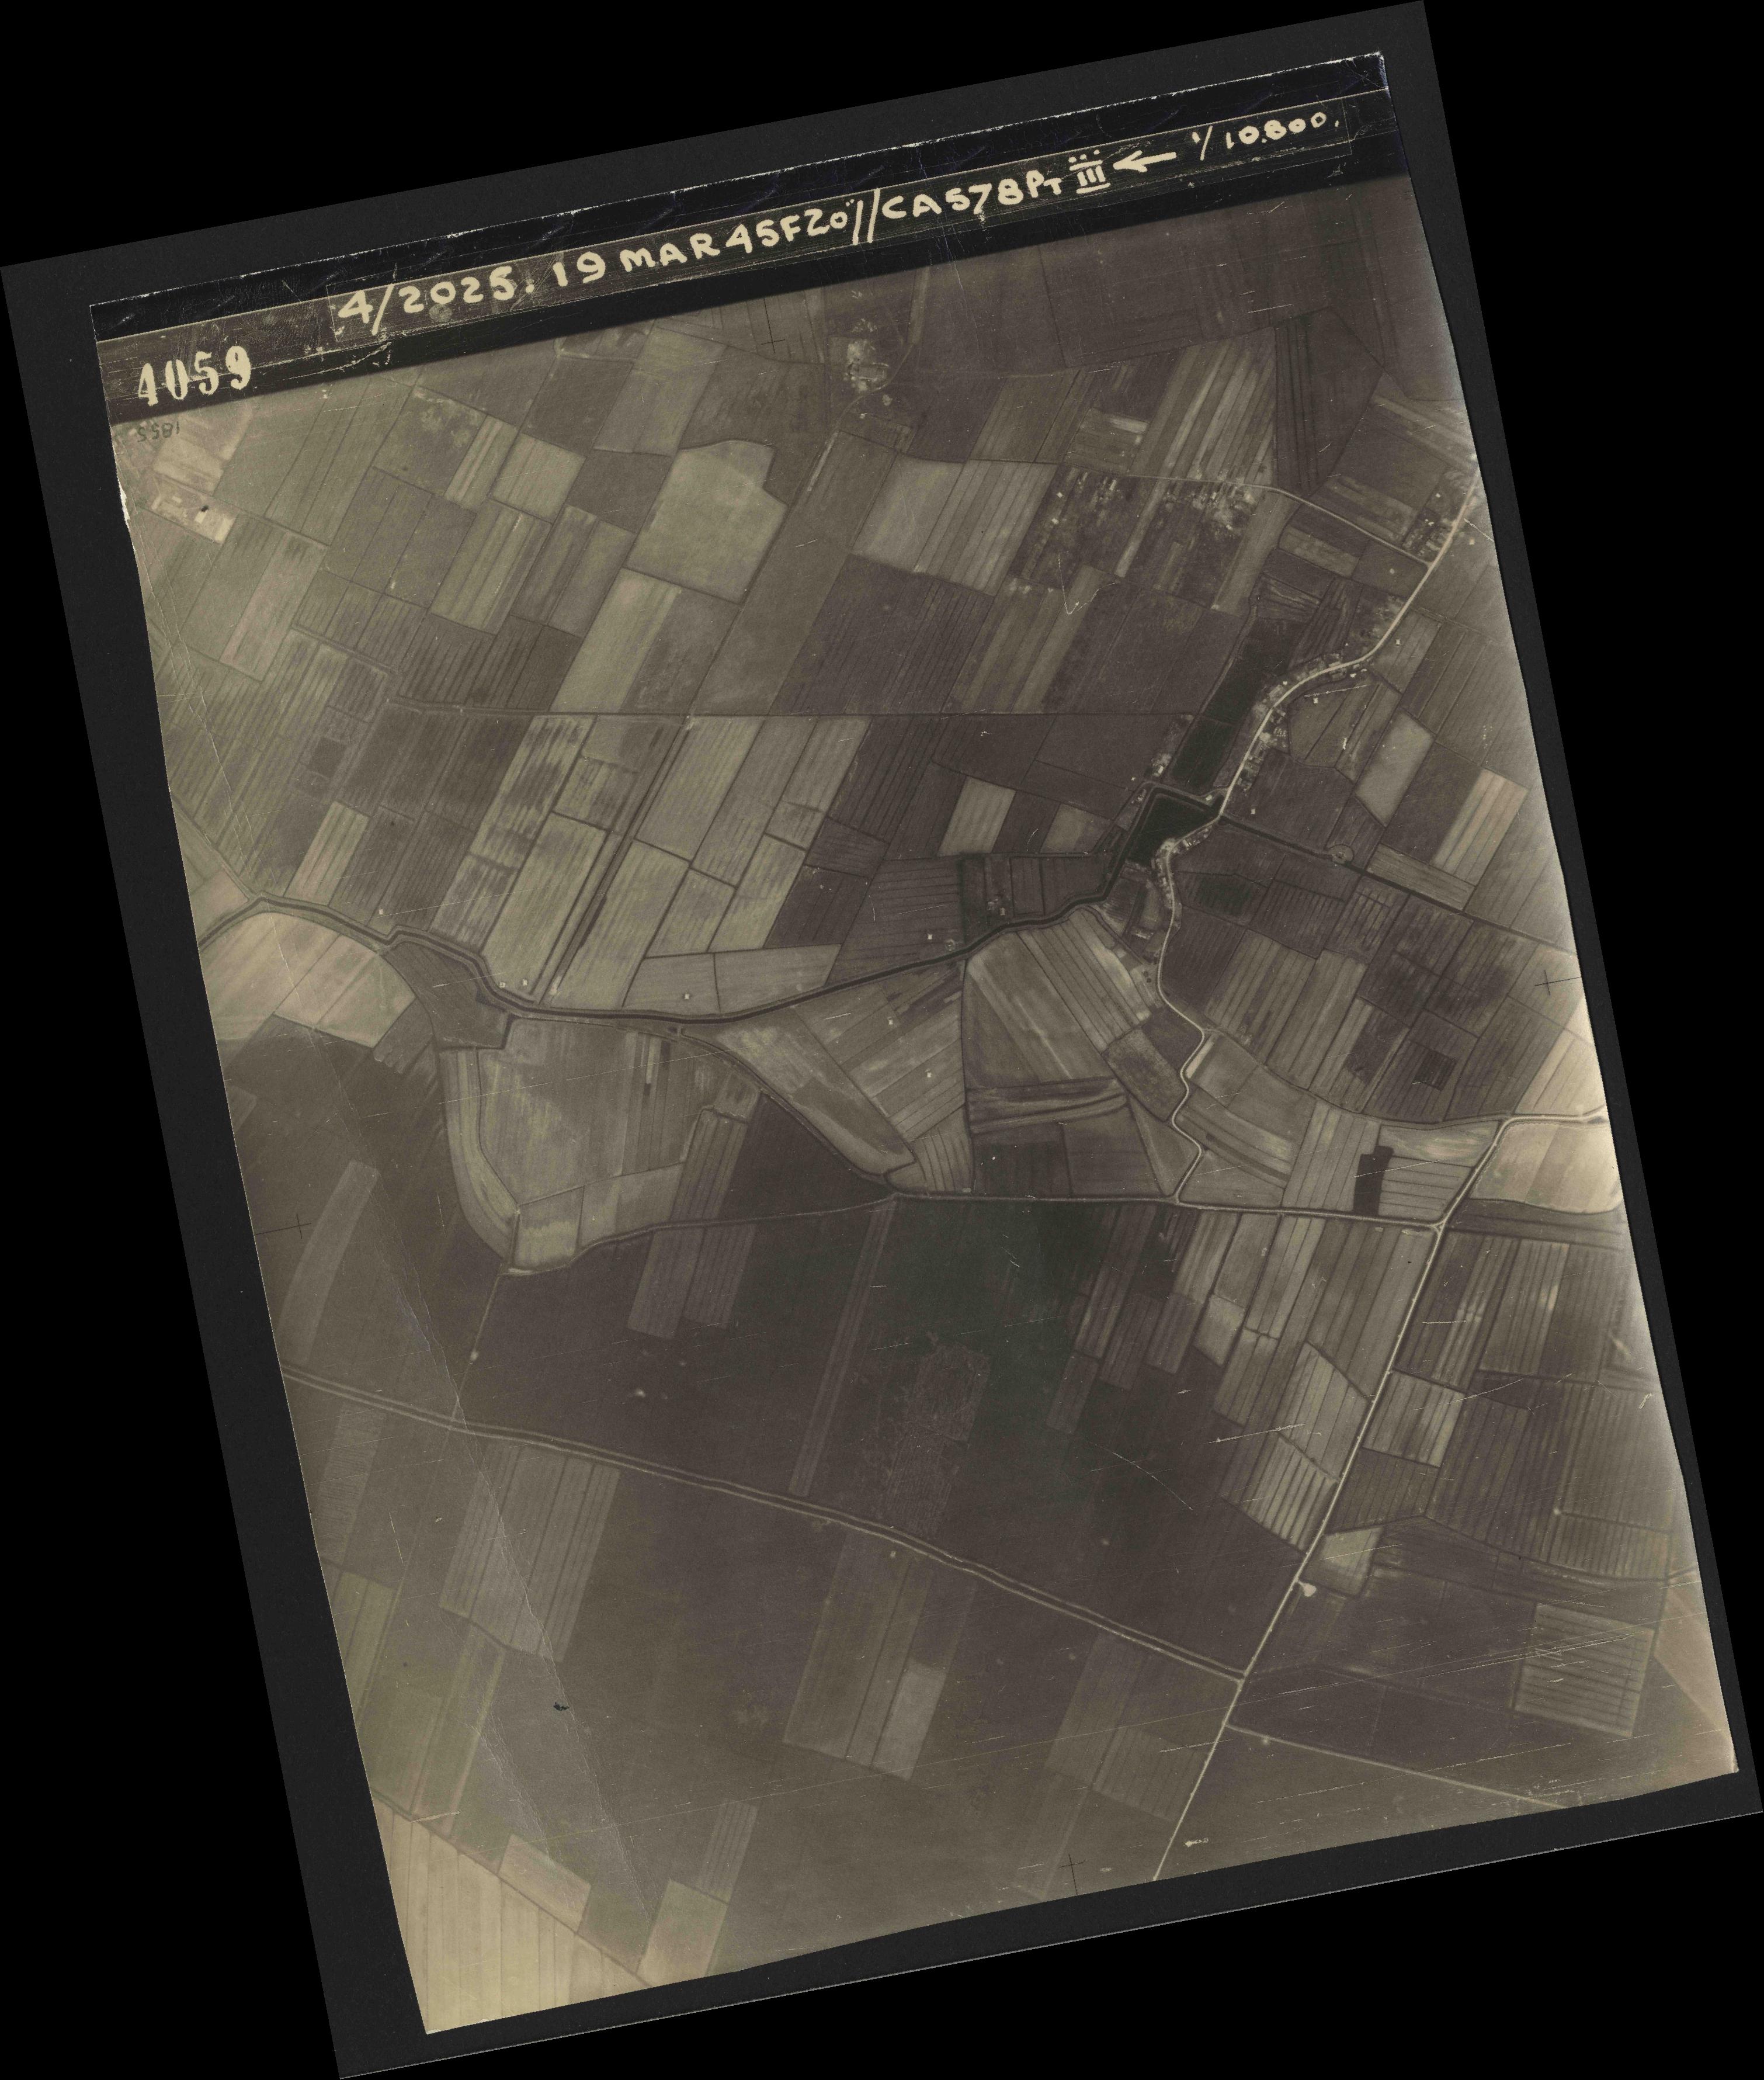 Collection RAF aerial photos 1940-1945 - flight 094, run 07, photo 4059